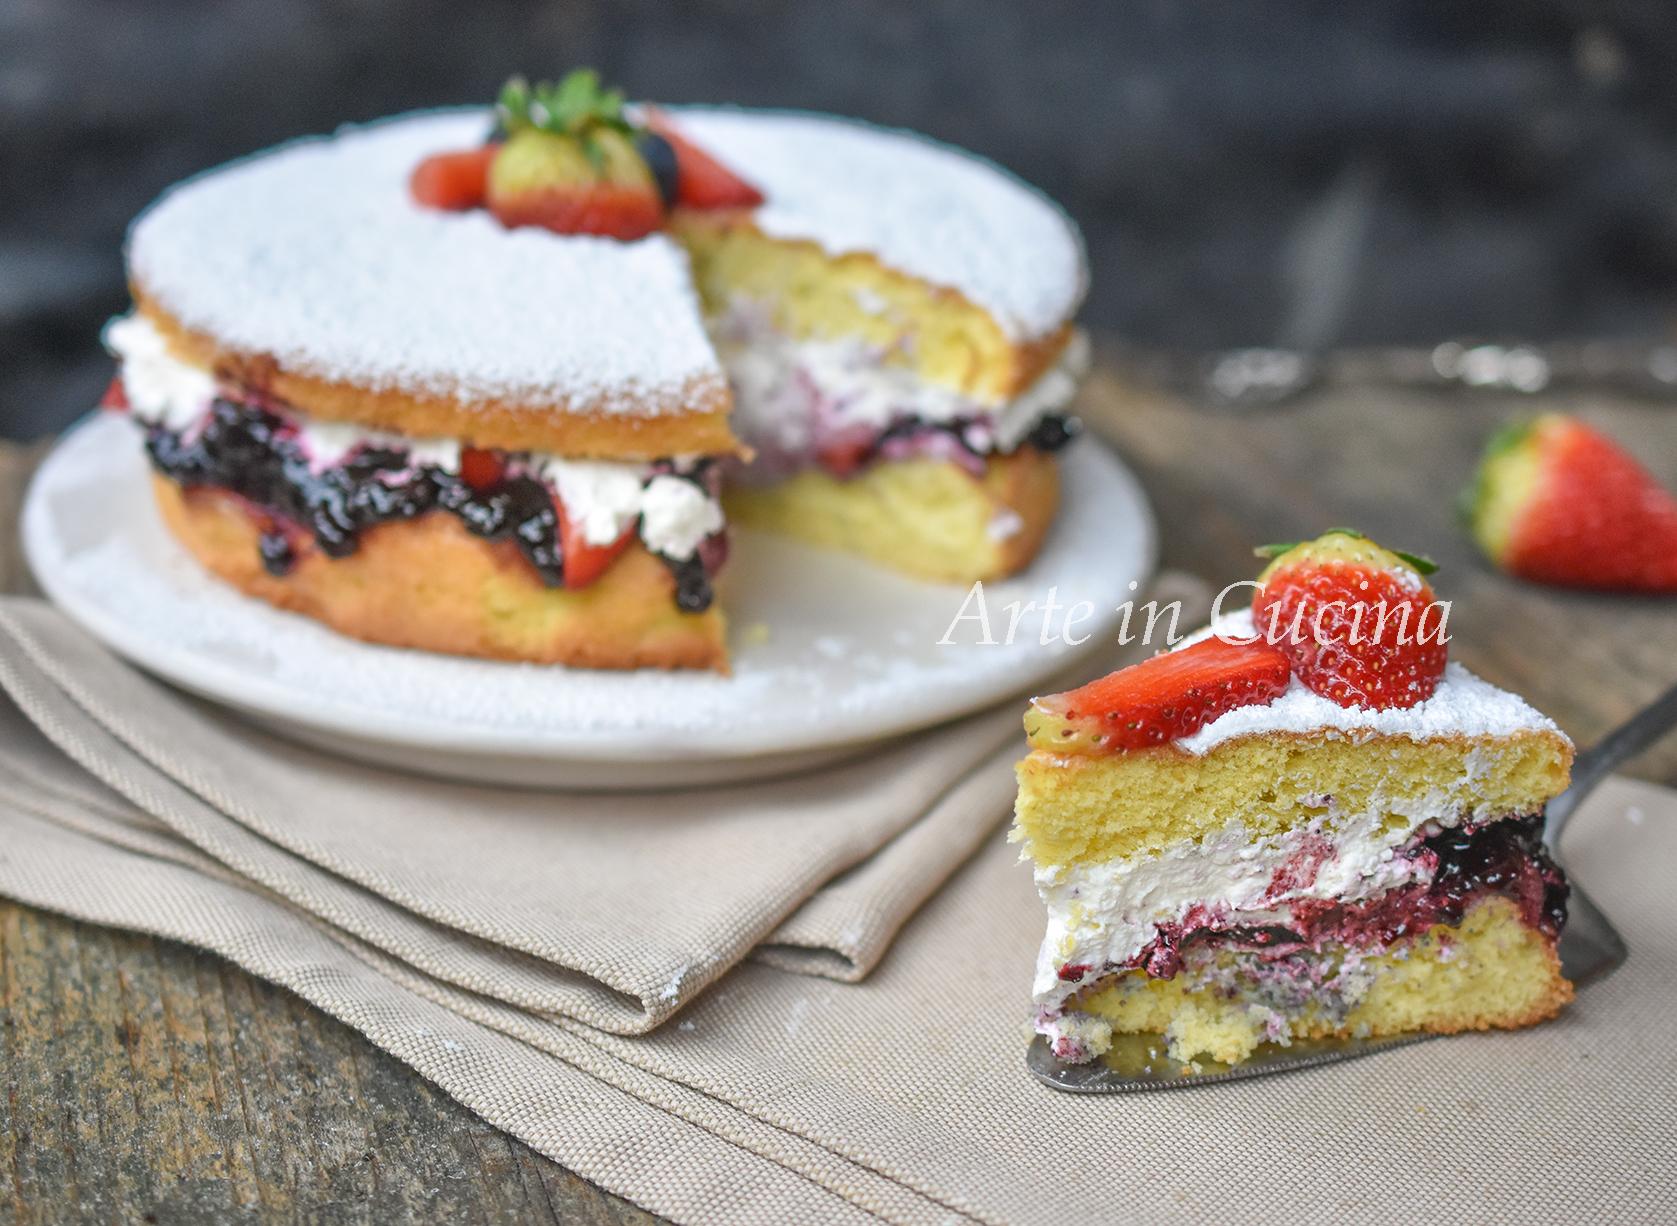 Torta panna fragole e marmellata 10 minuti vickyart arte in cucina